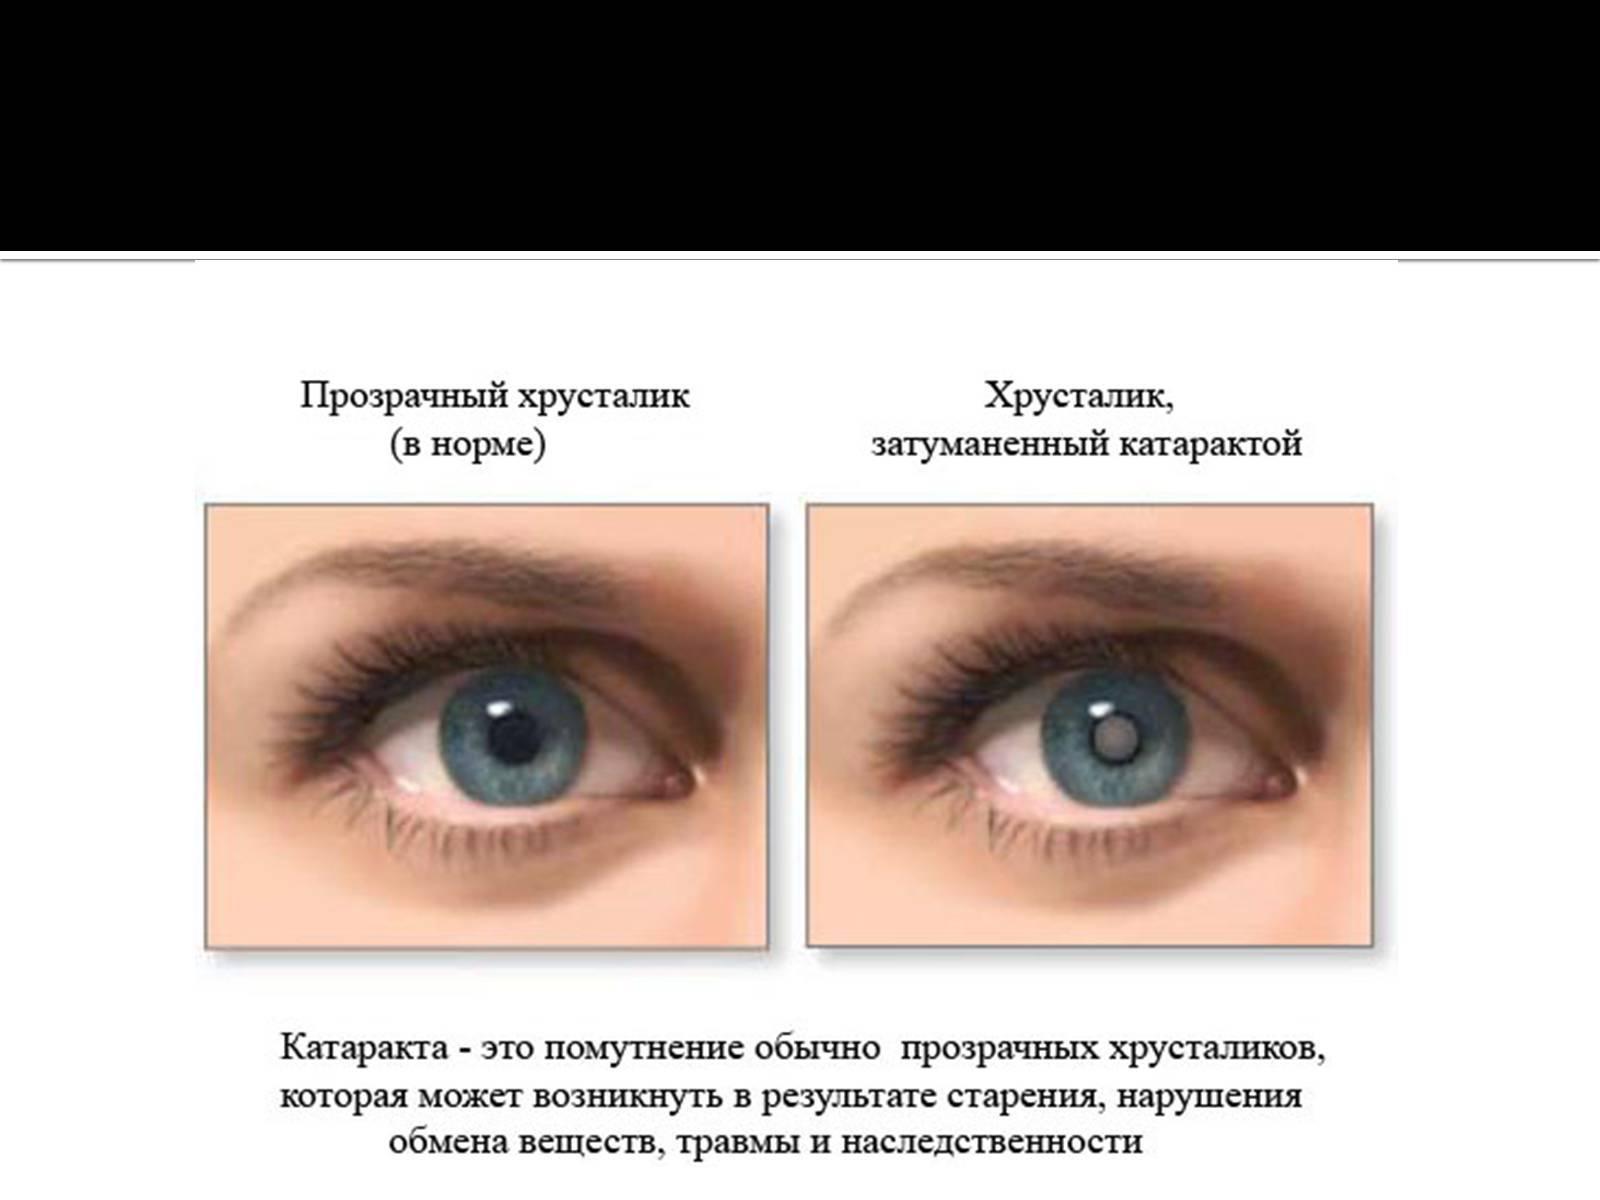 Расплывается в глазах: причины, почему мутнеет изображение, болезни, вызывающие кратковременные помутнения